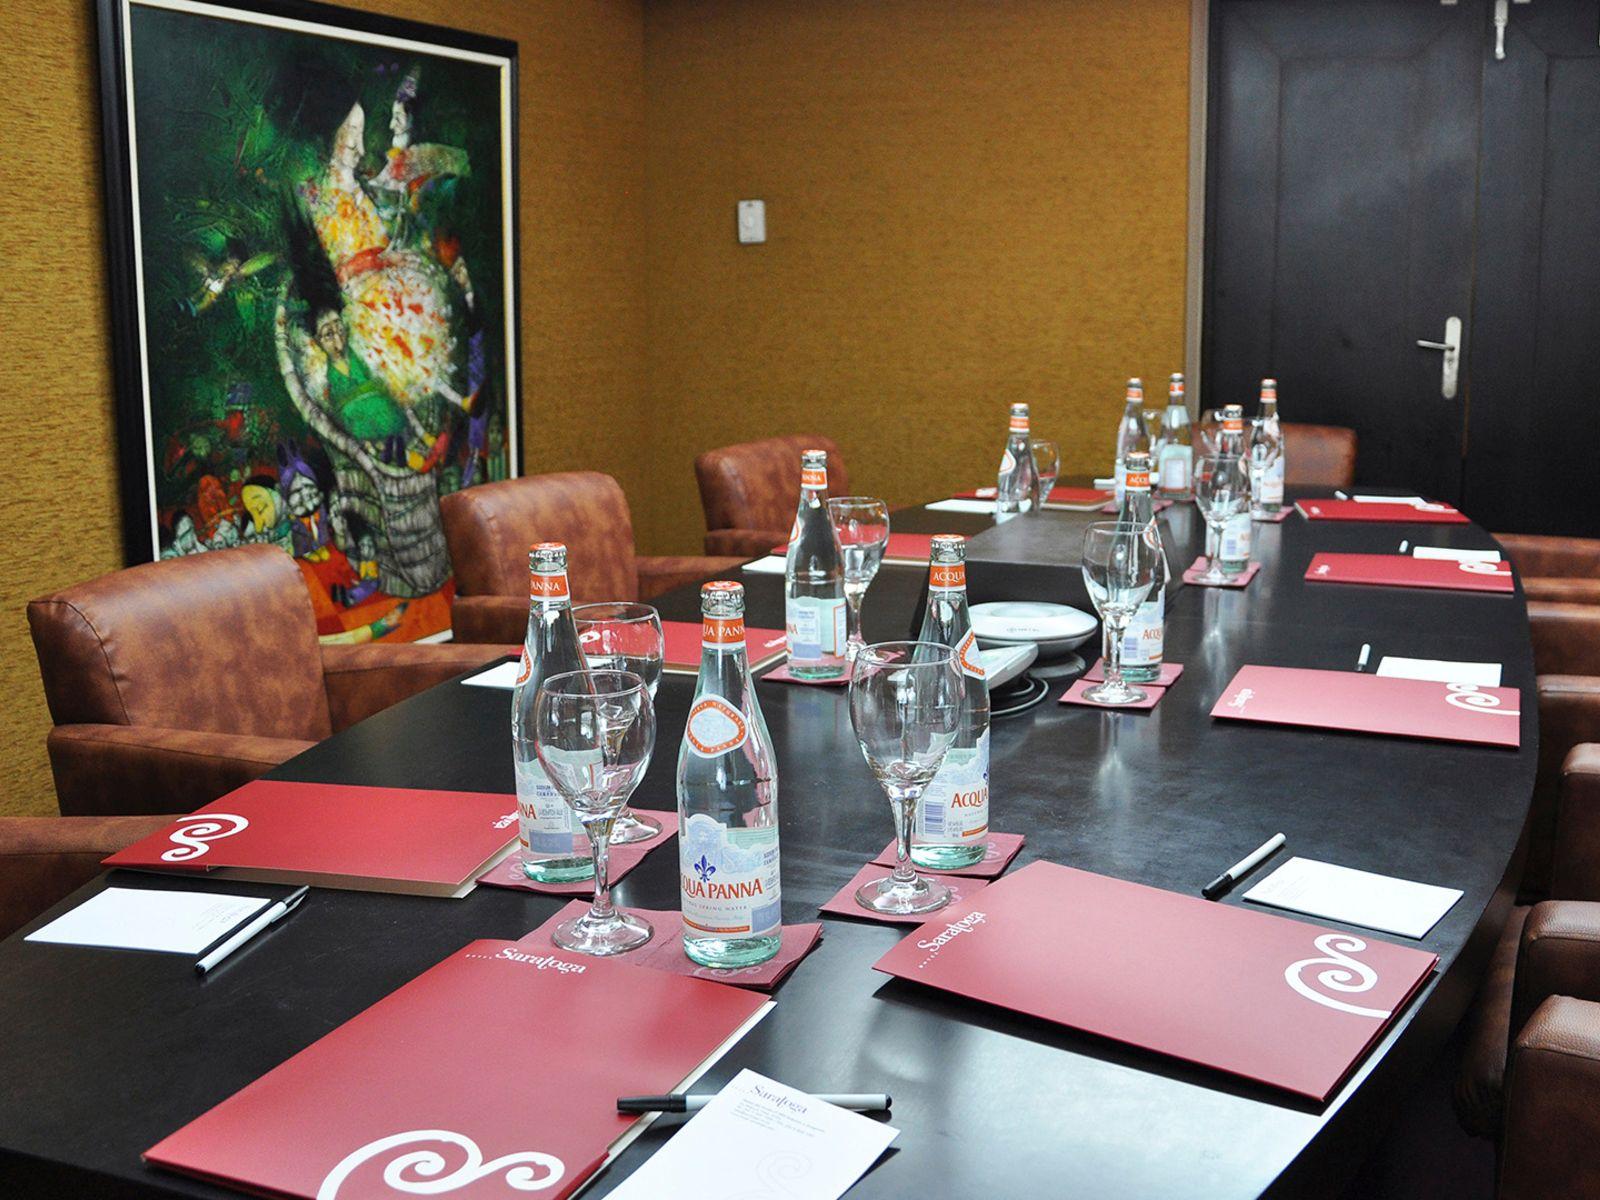 Eventos y Convenciones | Hotel Saratoga Habana